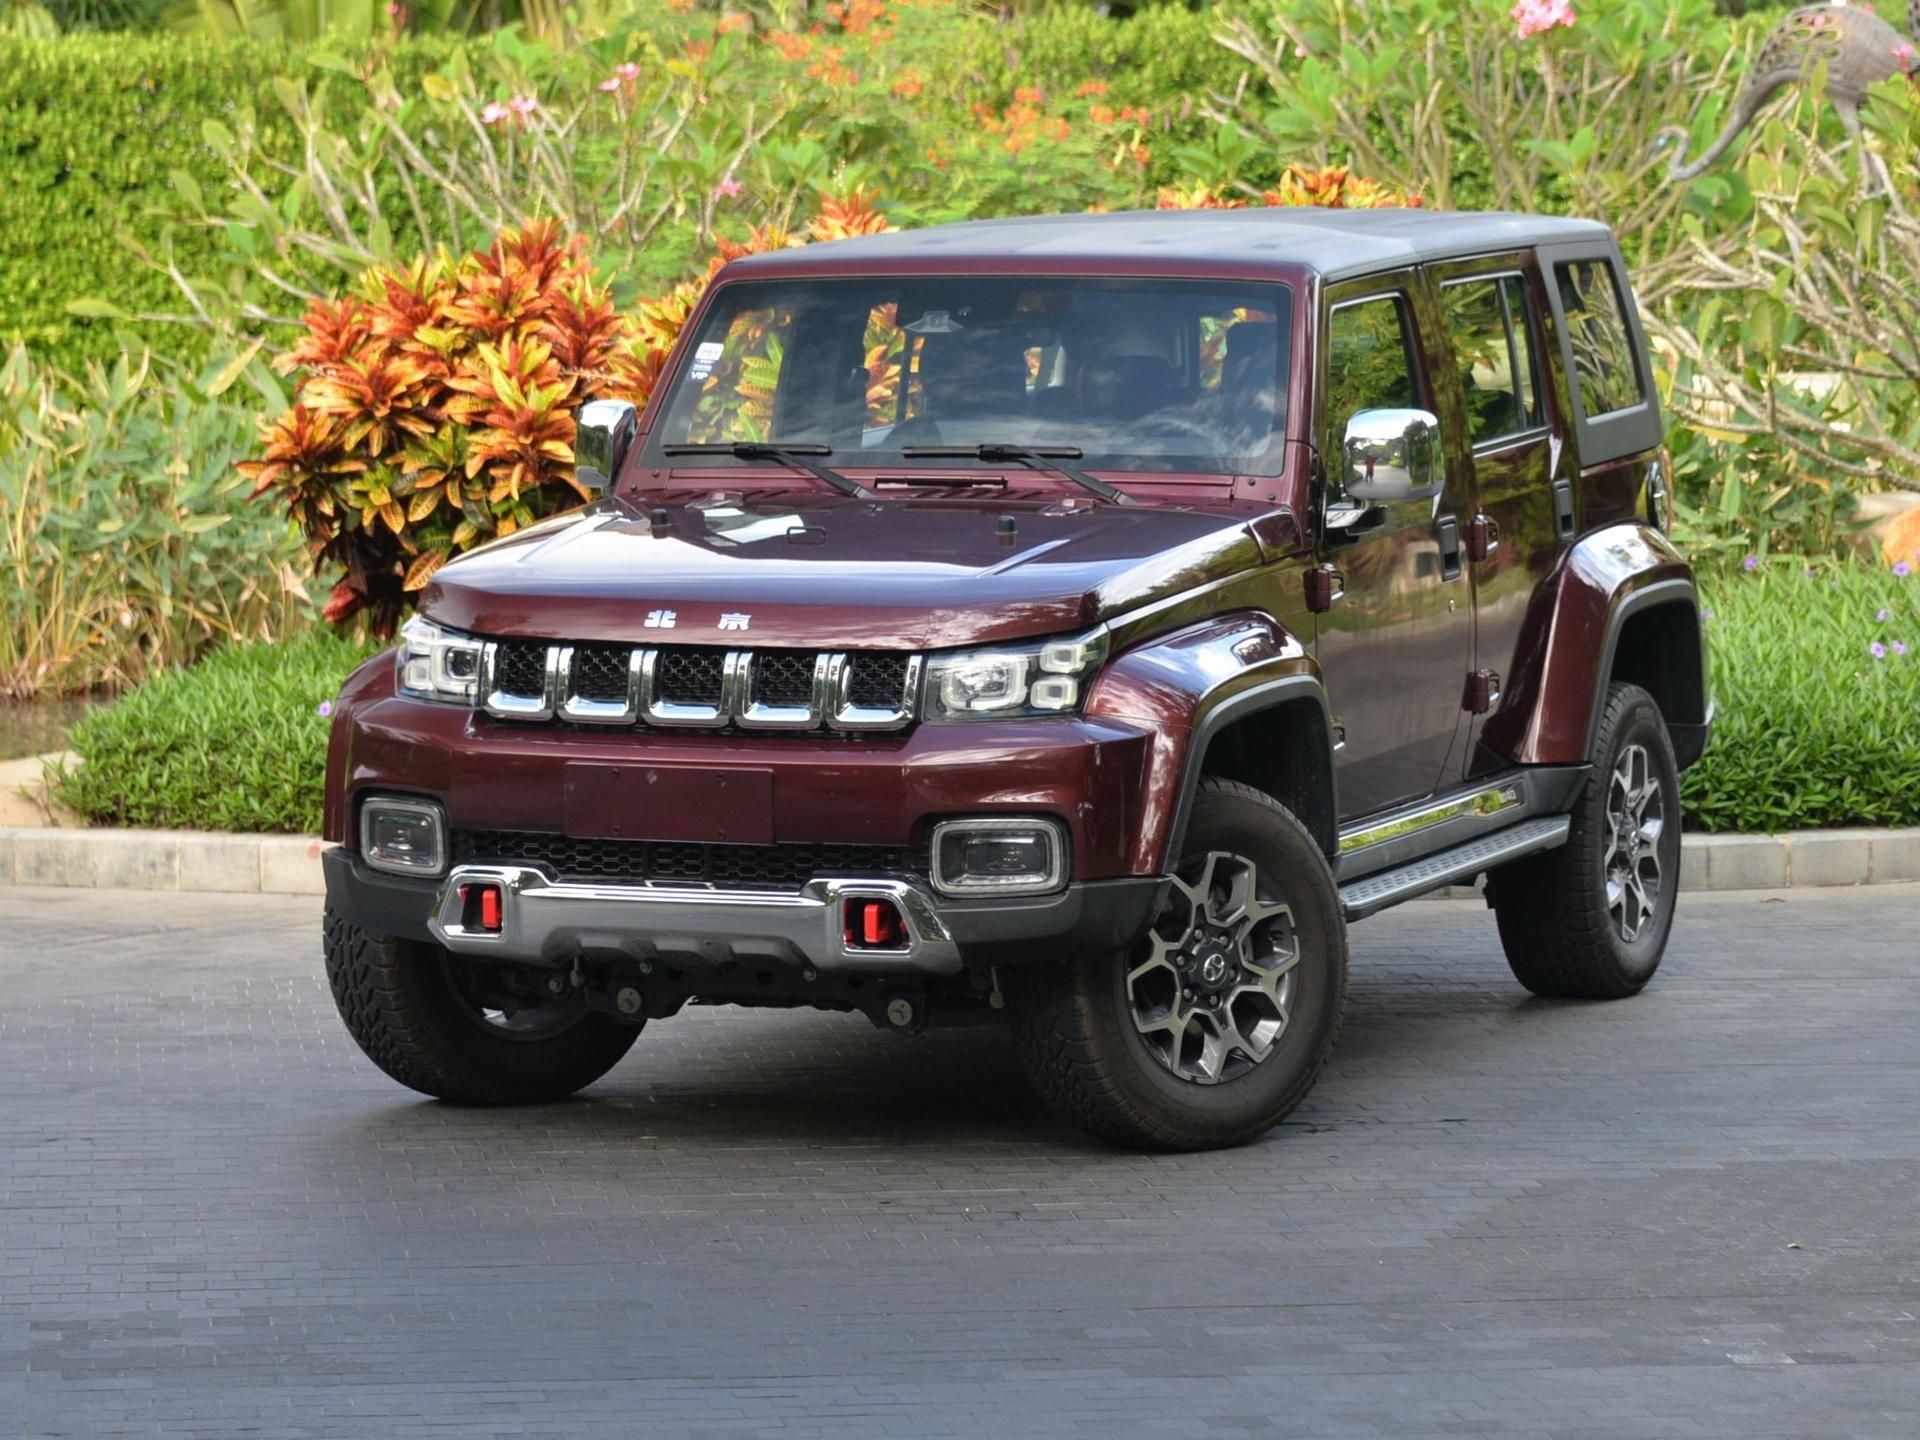 10万元级硬派越野车,全带差速锁扭矩放大,带上全家人去旅游